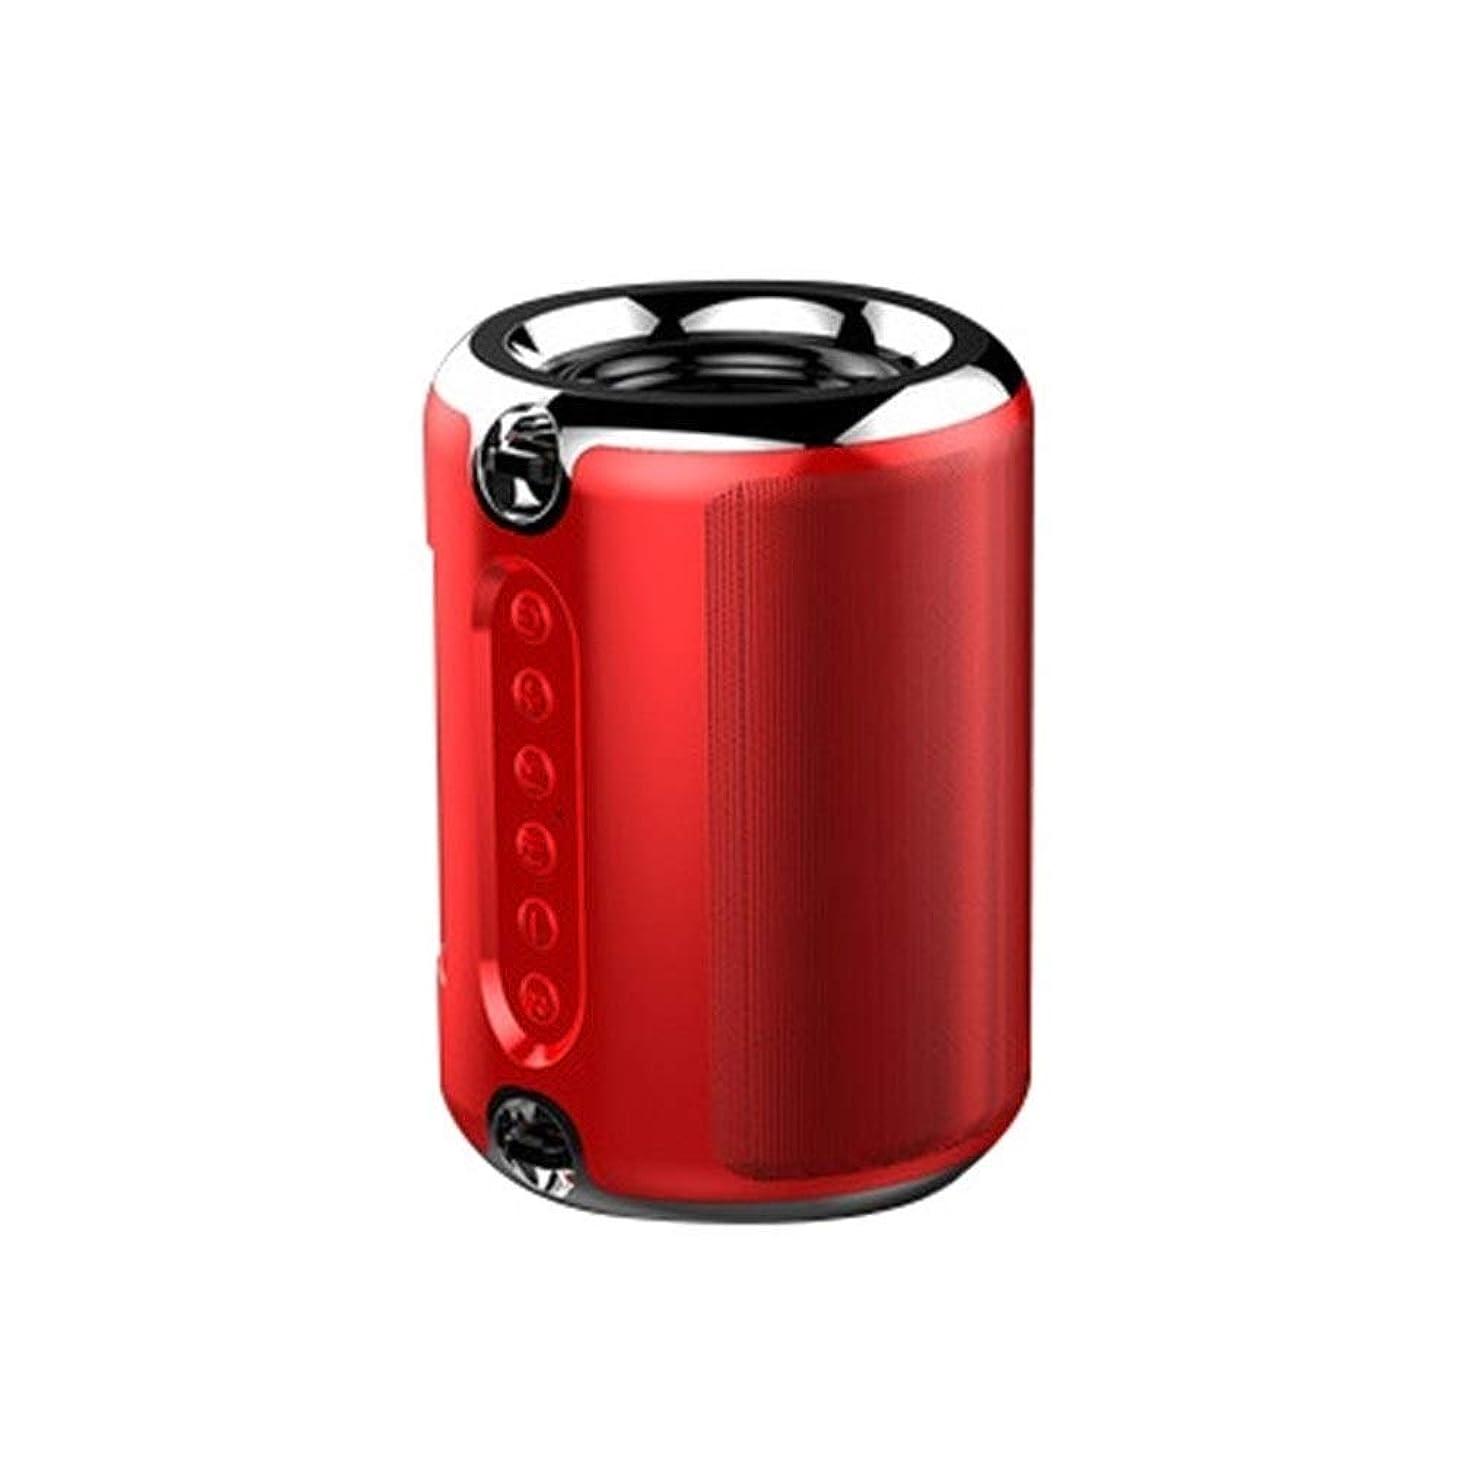 セクタ不正直標準ZHICHUANG HDサウンドとサブウーファーを備えたWalledKingワイヤレスBluetoothポータブルスピーカー、大容量バッテリー、12Hプレイタイム、(ブラック/レッド/スライバー)。 (Color : Red)